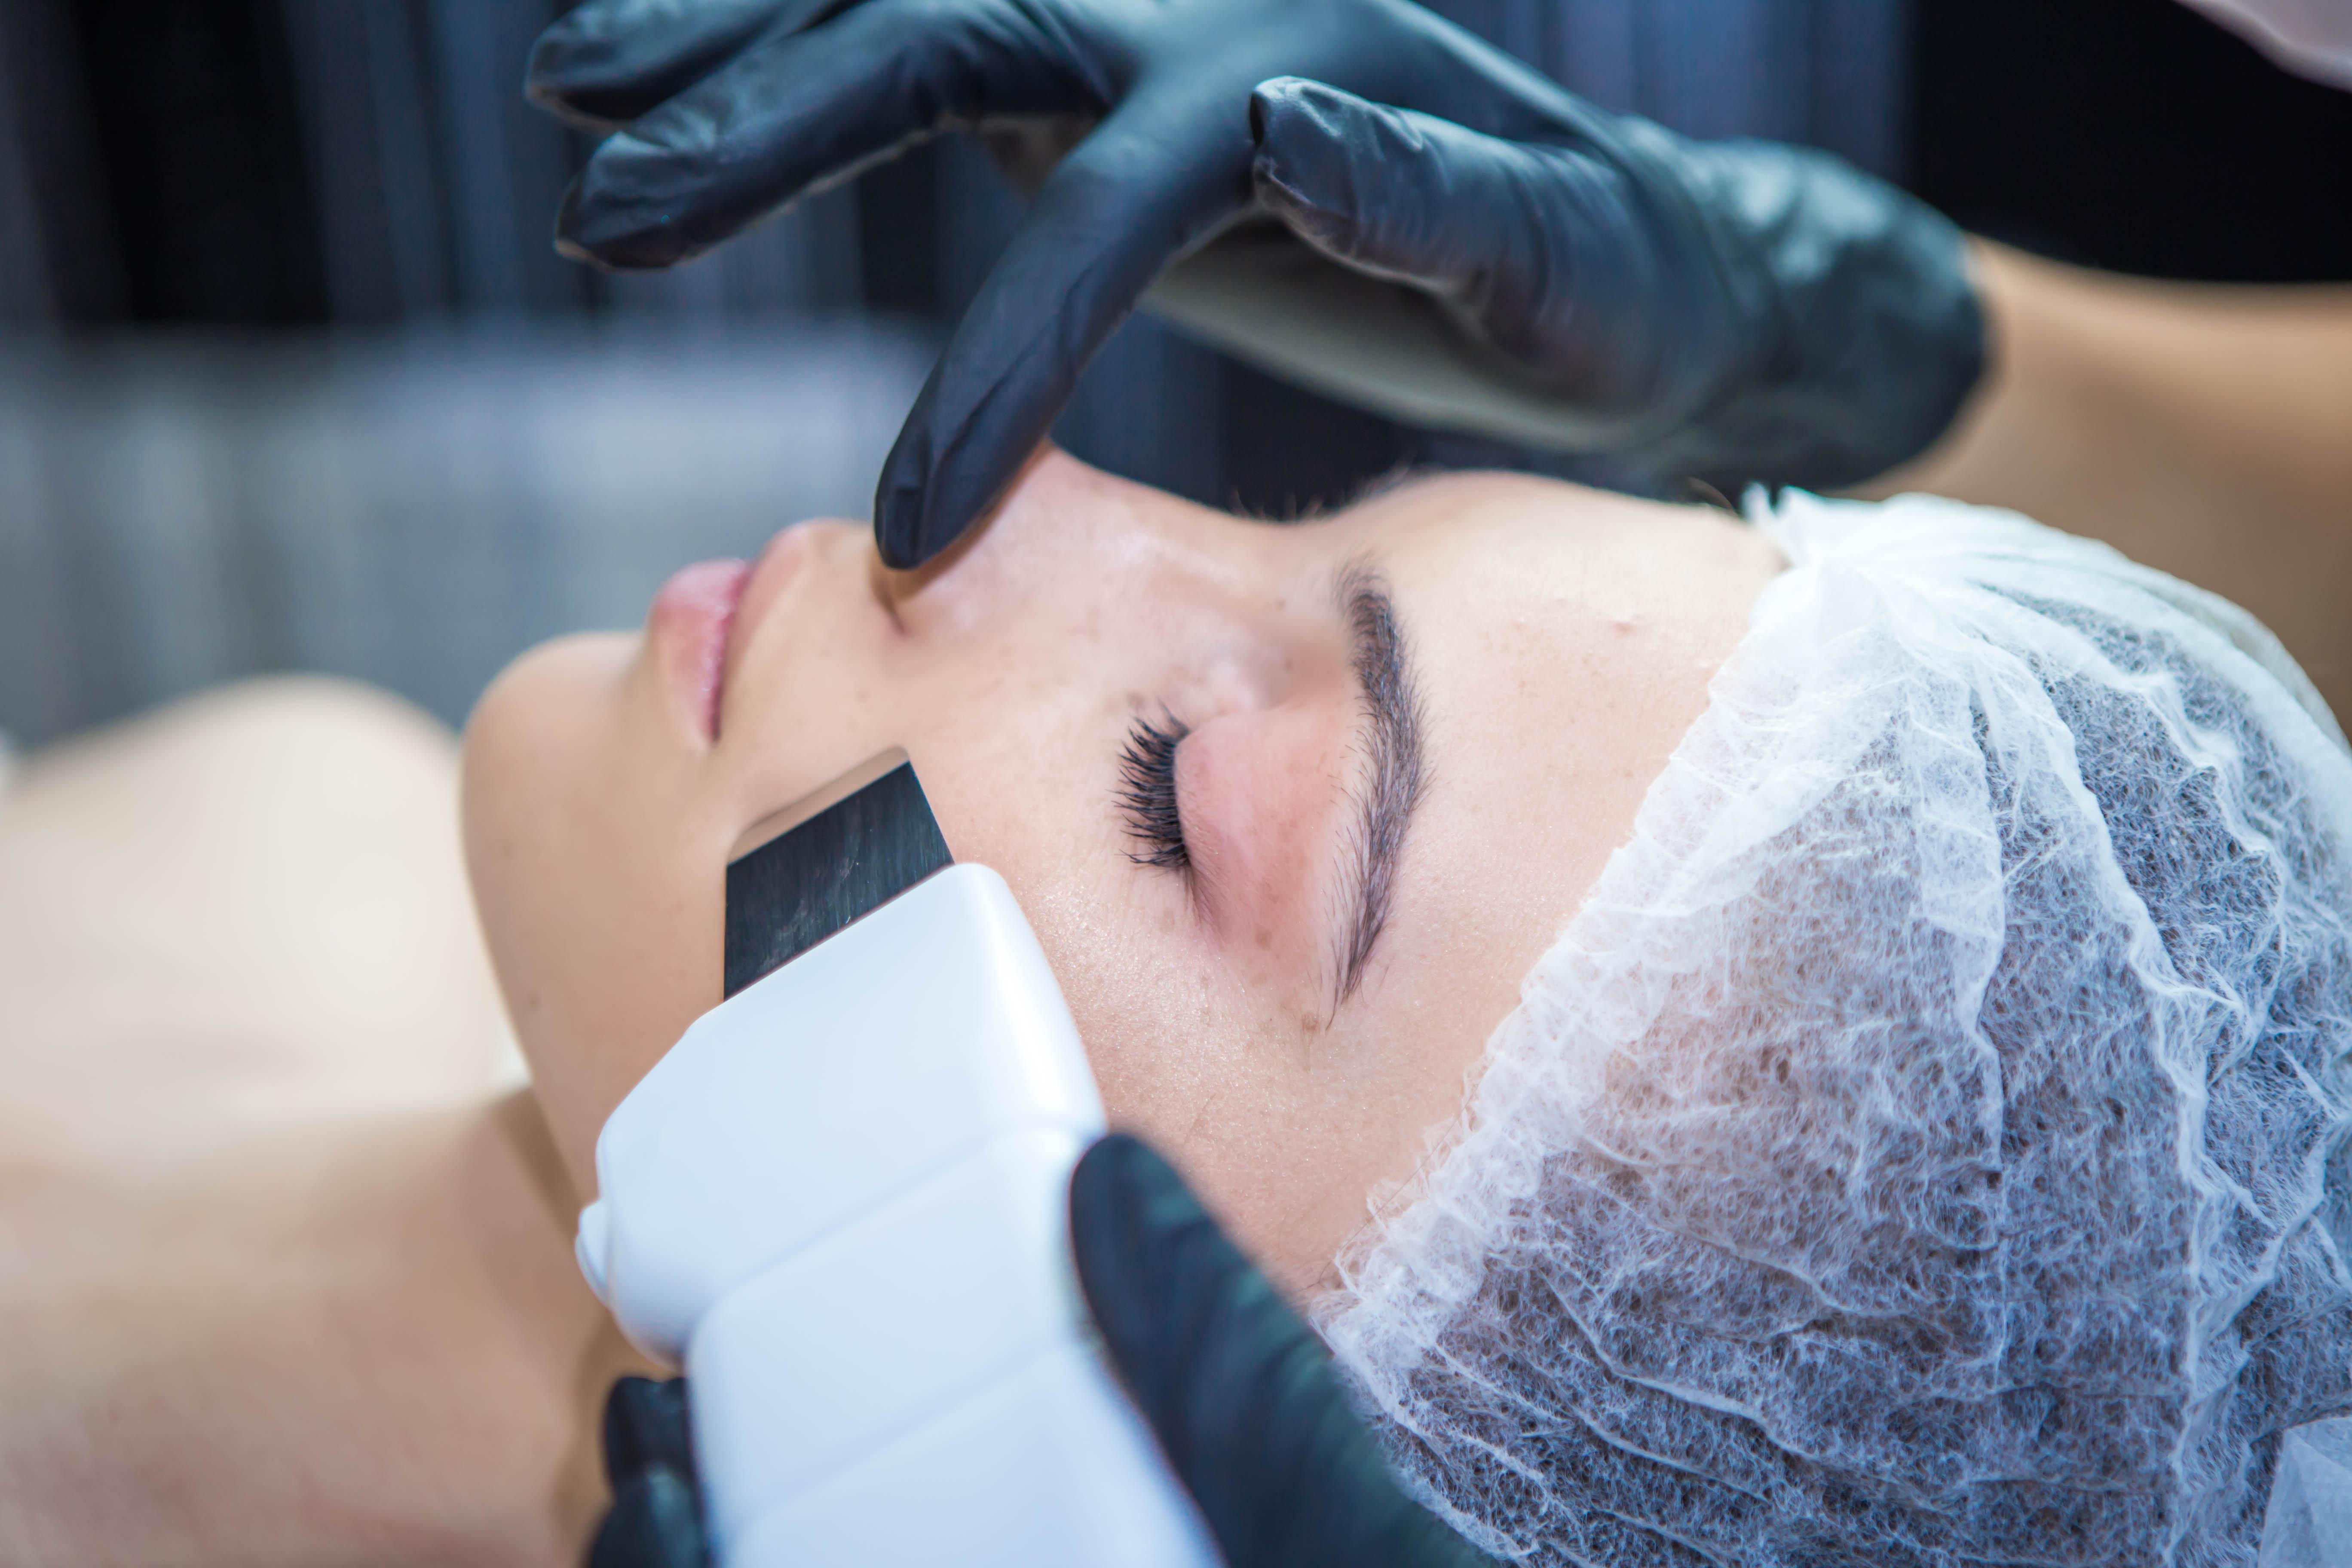 Ультразвуковая чистка лица — высокая эффективность без вреда для кожи, отзывы о процедуре